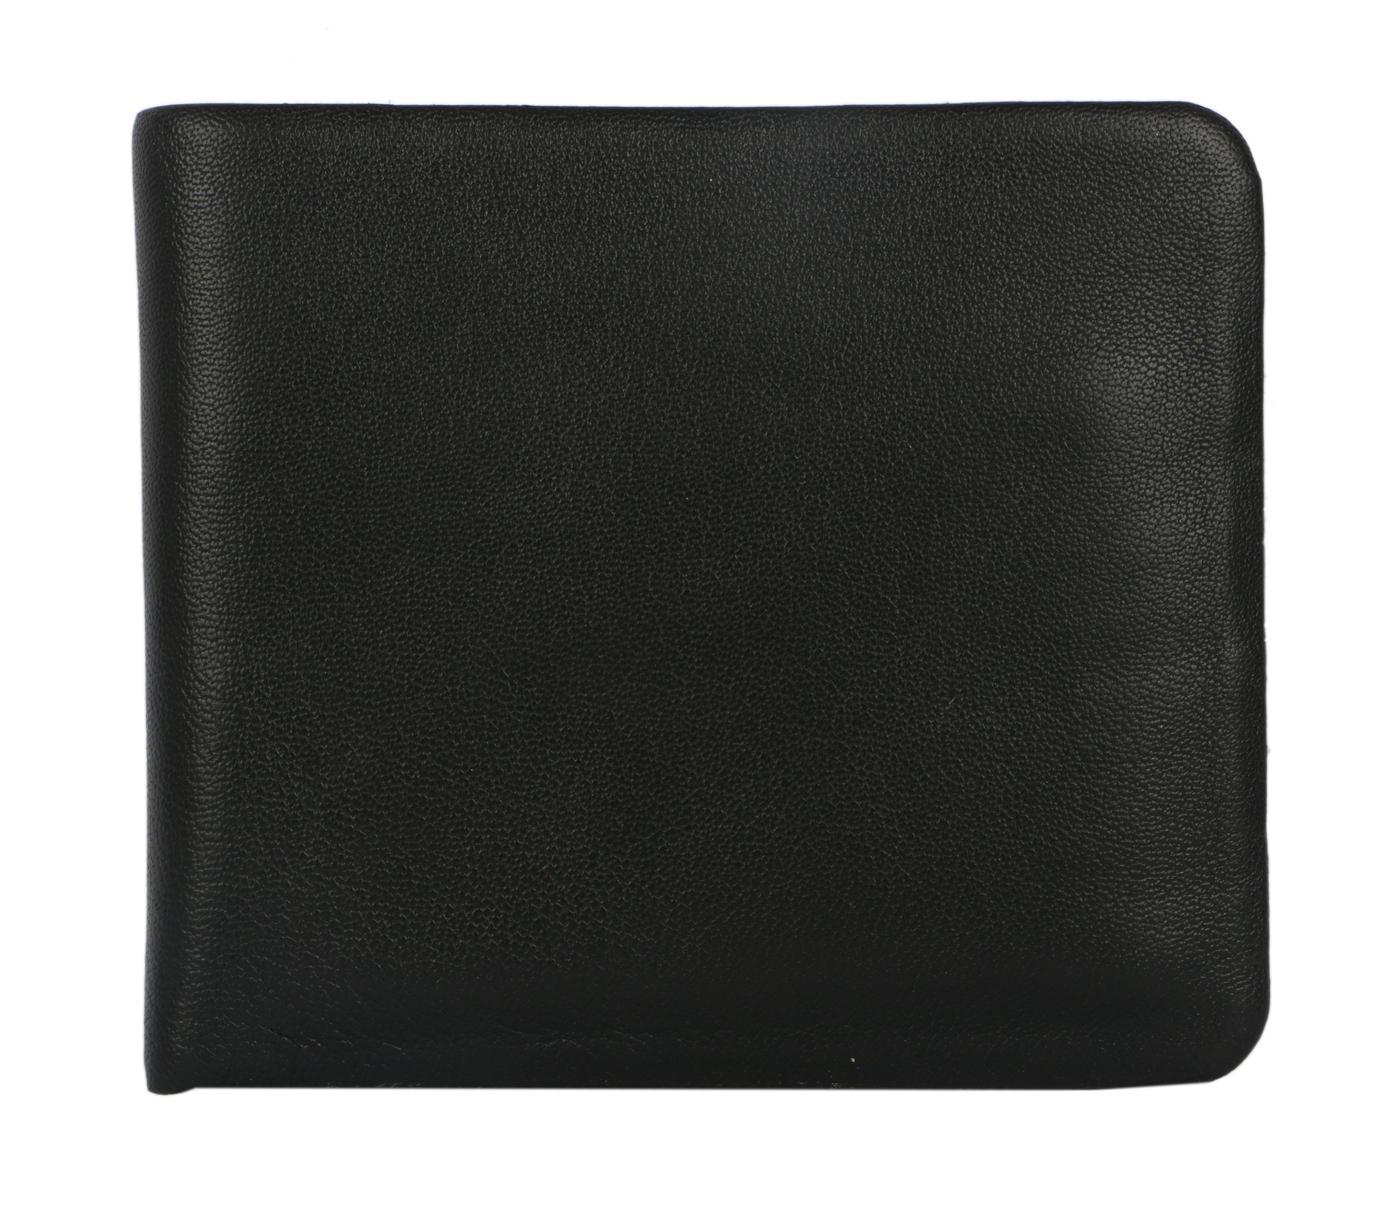 Ashton Leather Wallet(Black)VW1